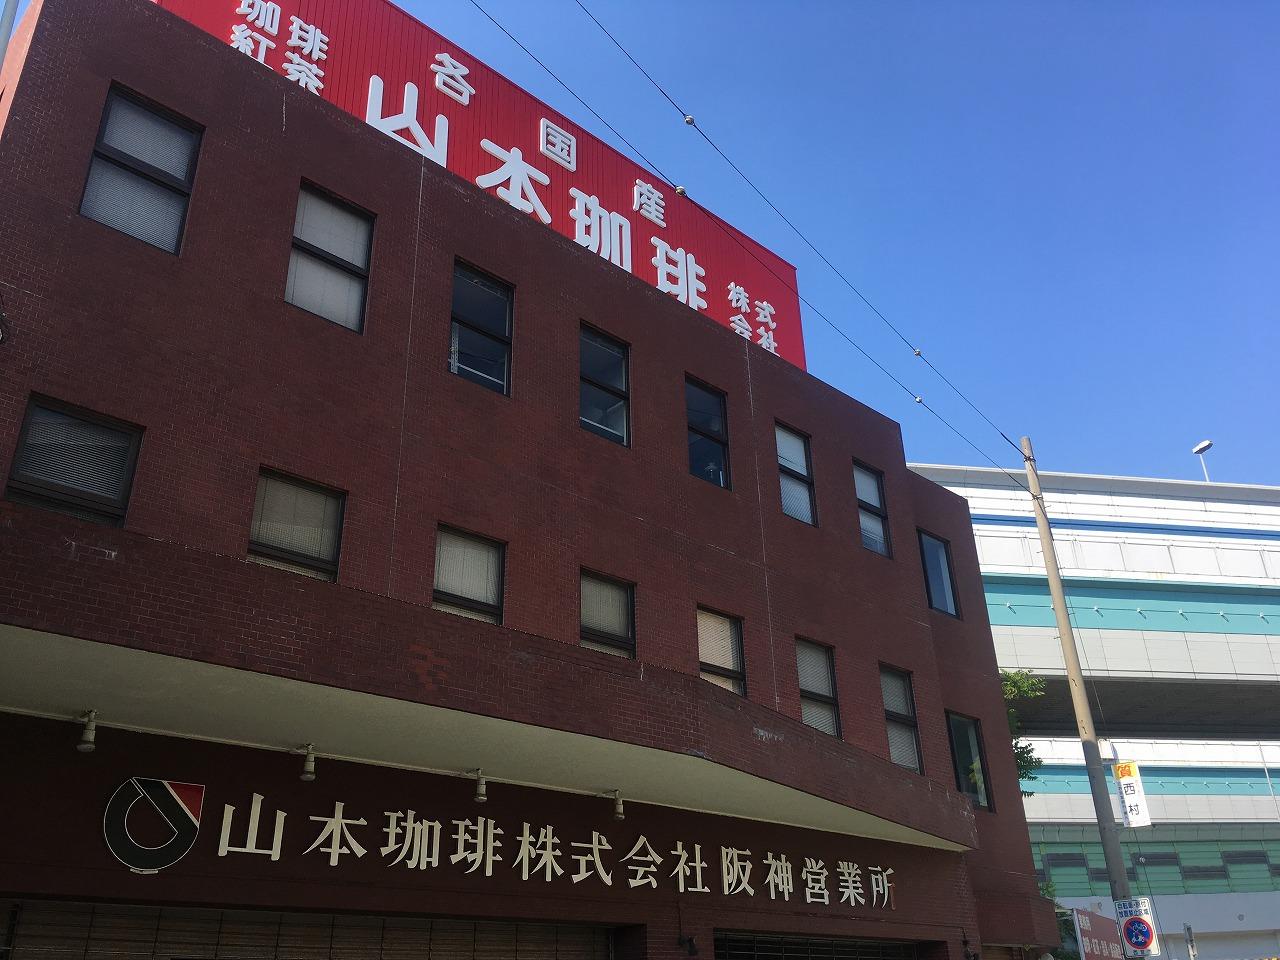 阪神営業所は1982年に尼崎から移転